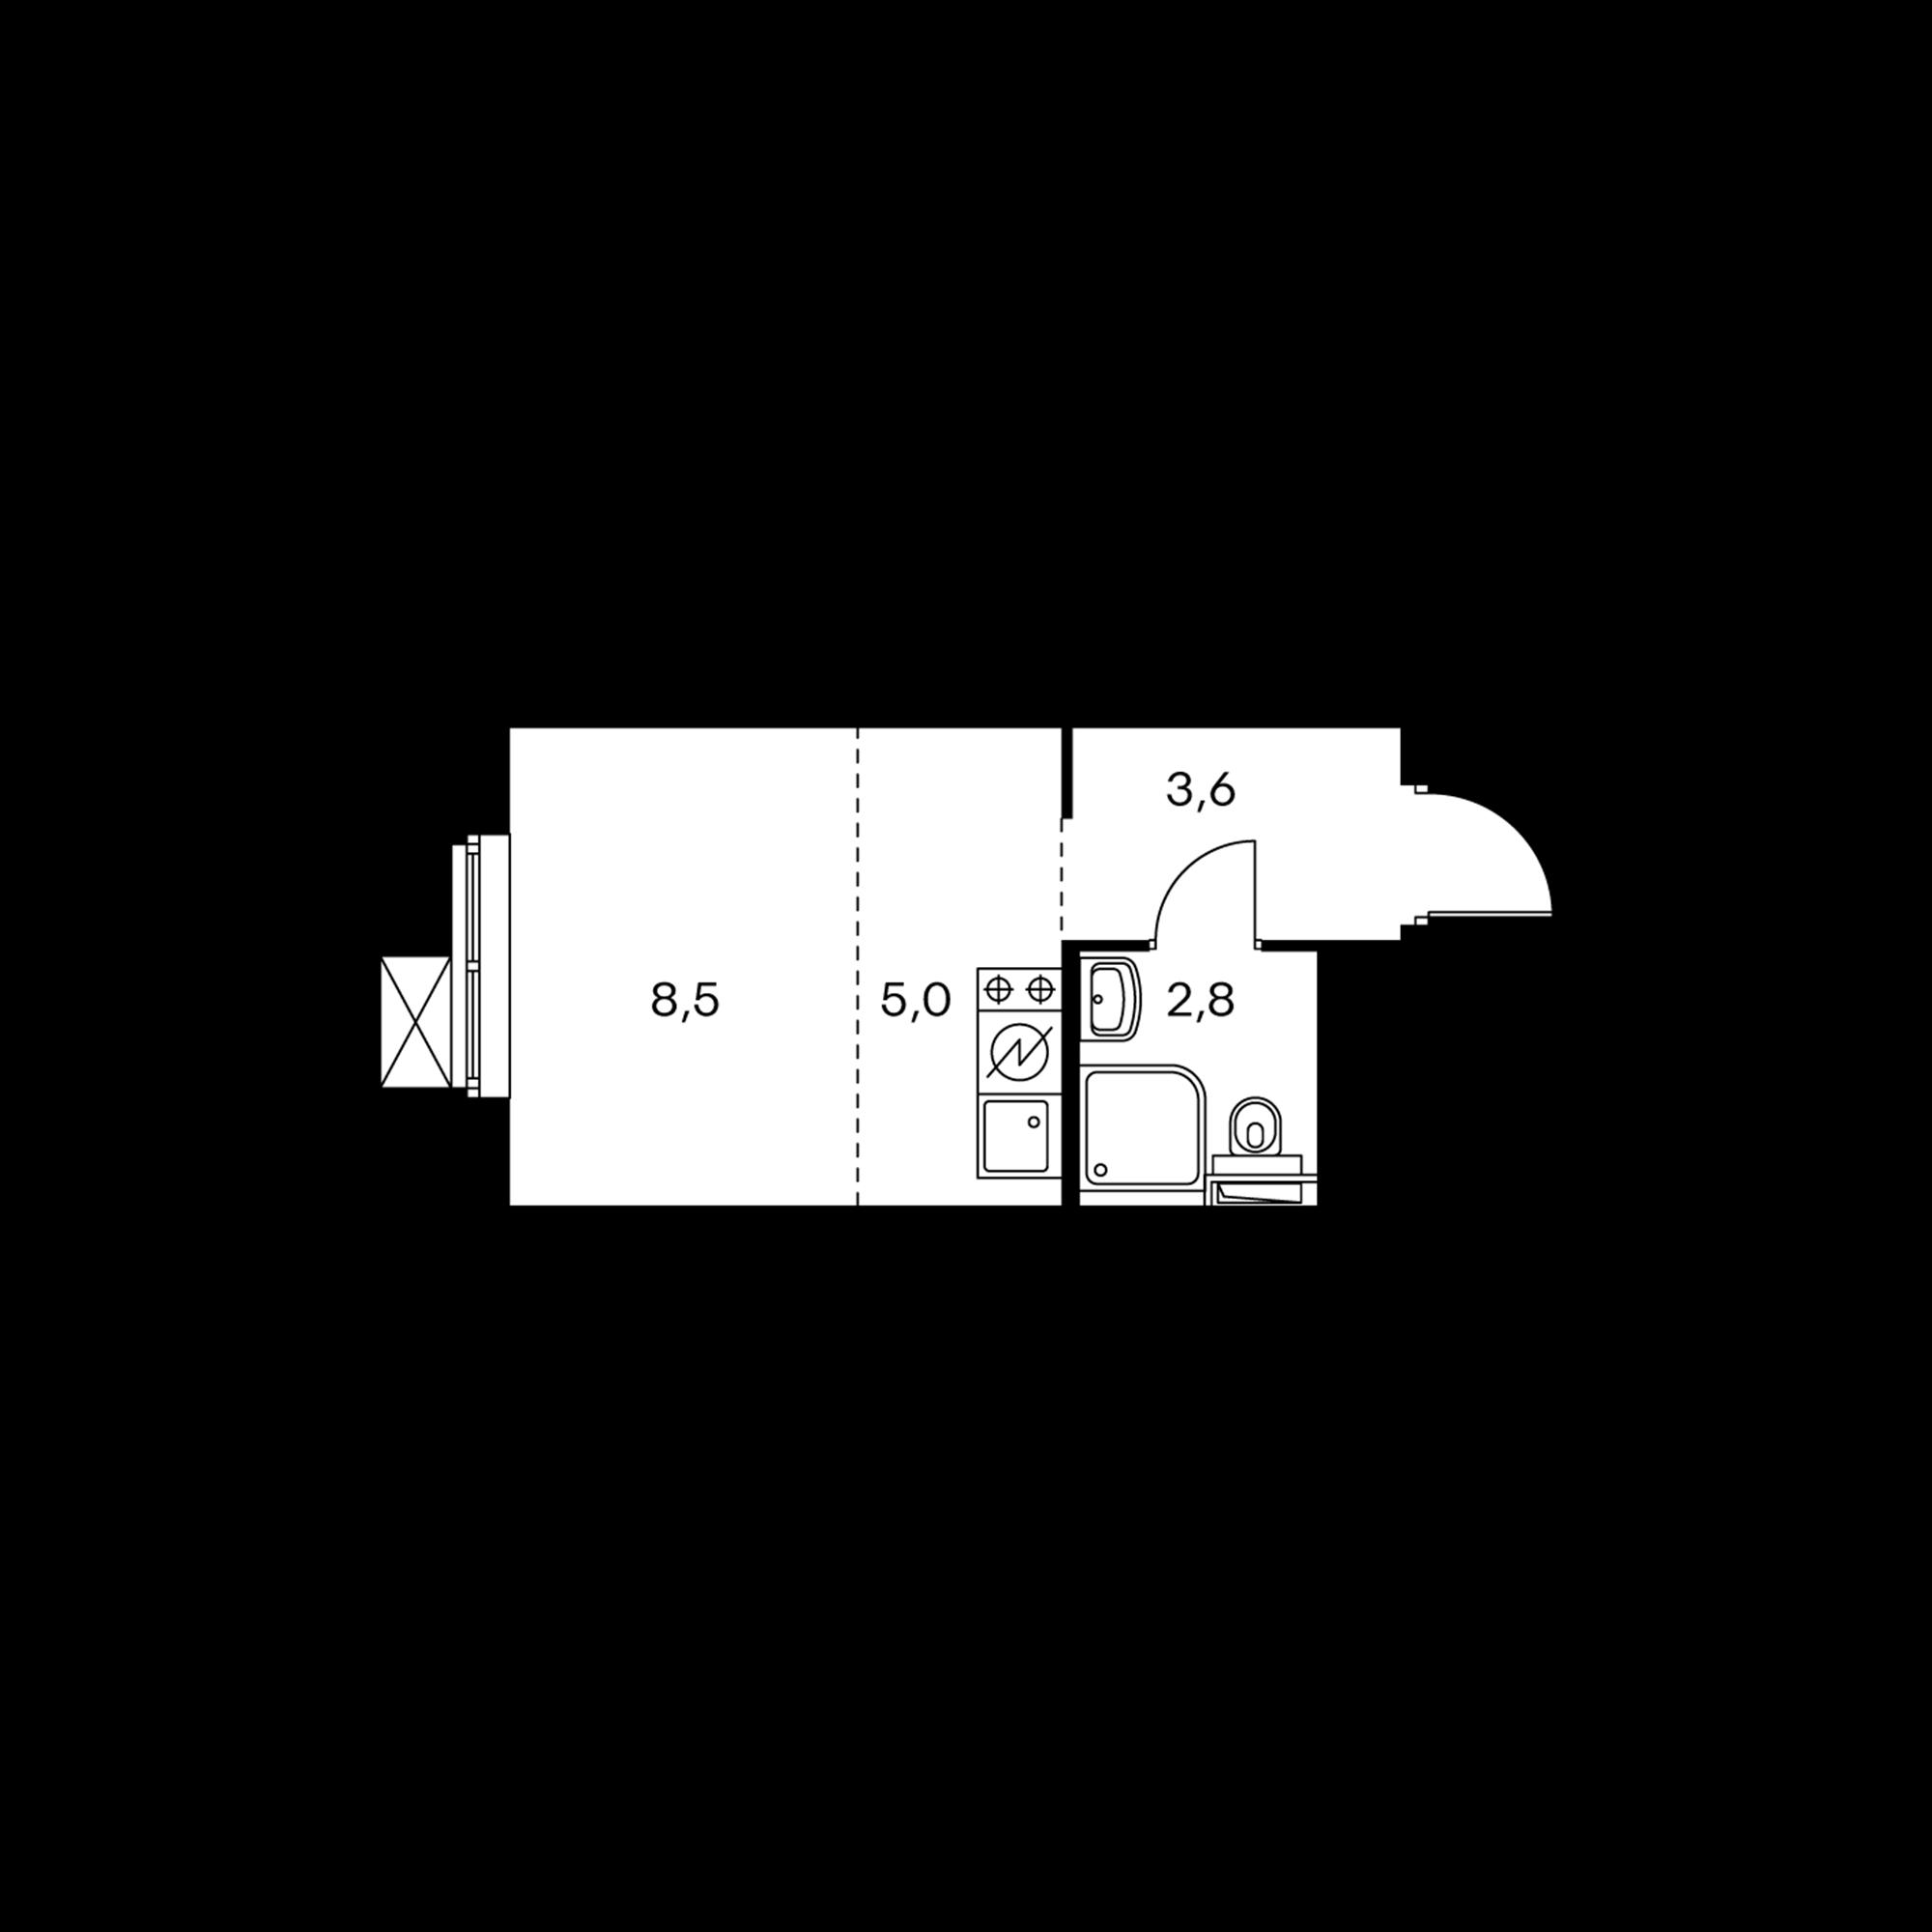 1NS1_3.6-1_S_Z